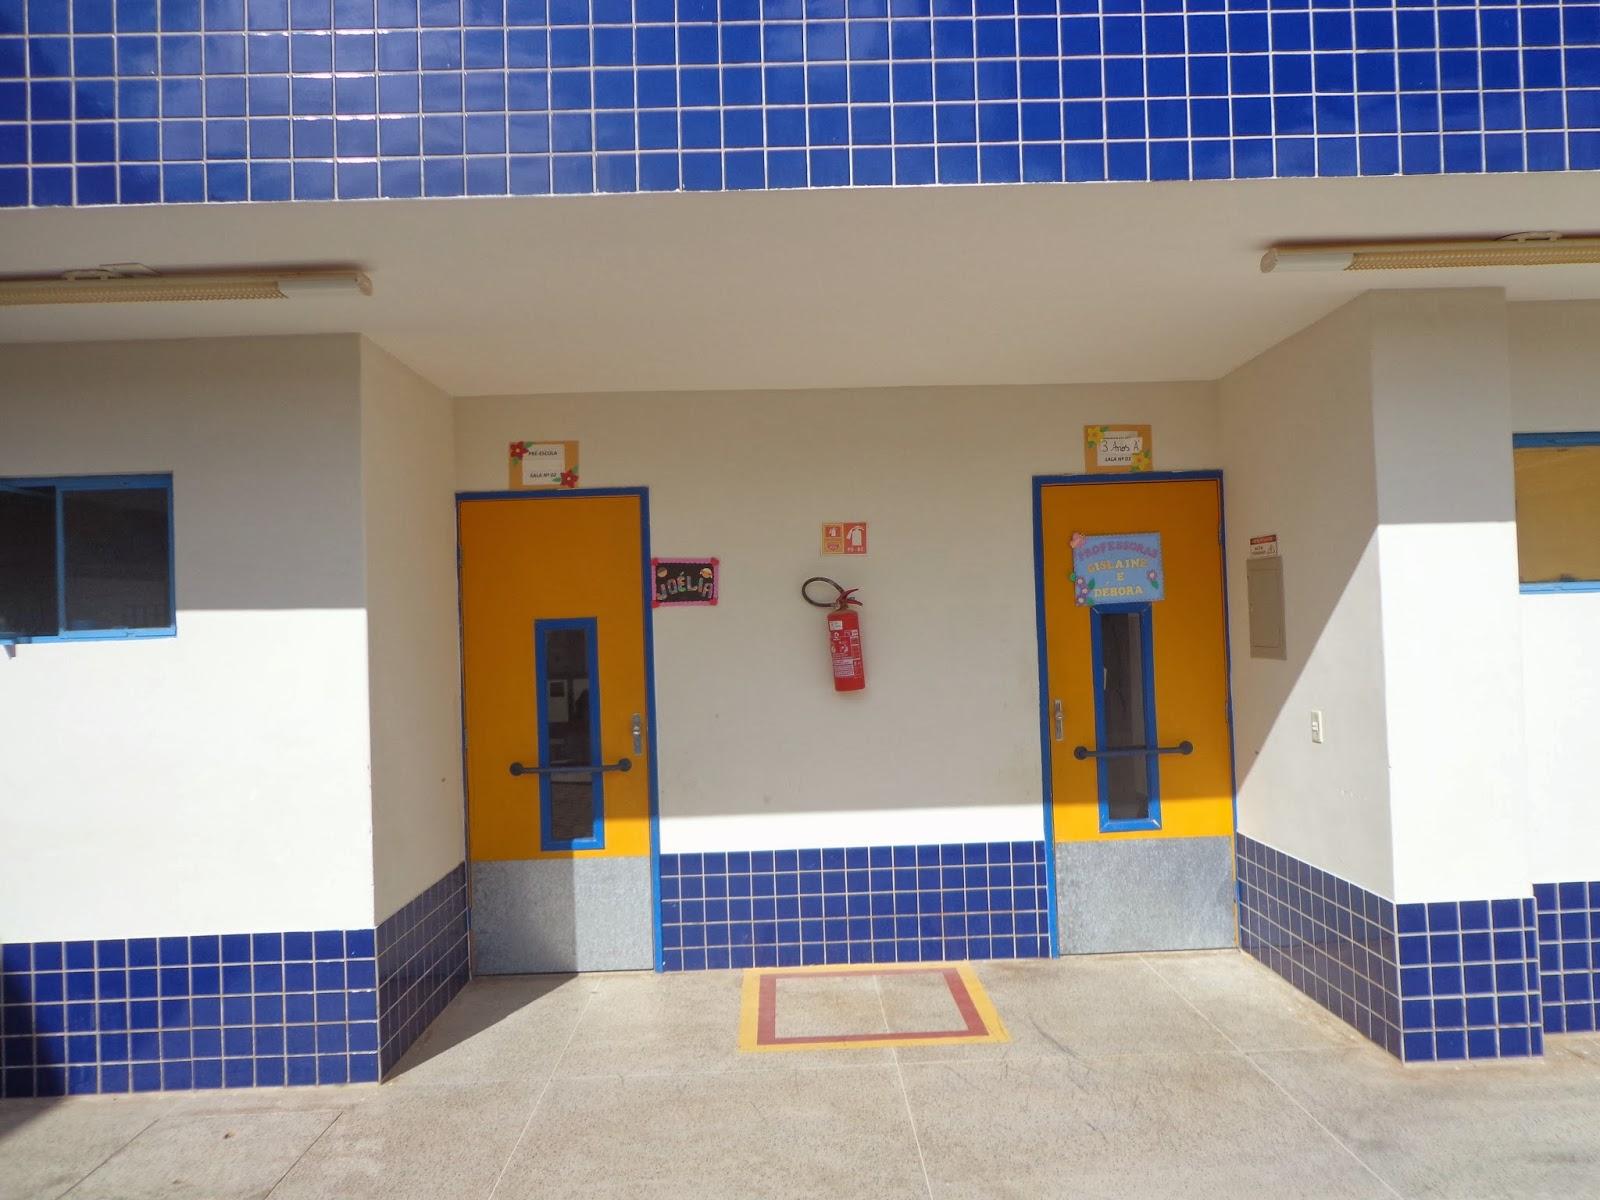 Imagens de #834B12 ESTRUTURA DA CRECHE ~ CEI Ana Marcelo Antunes CEI AMA 1600x1200 px 3348 Bloco De Banheiro Para Deficiente Cad